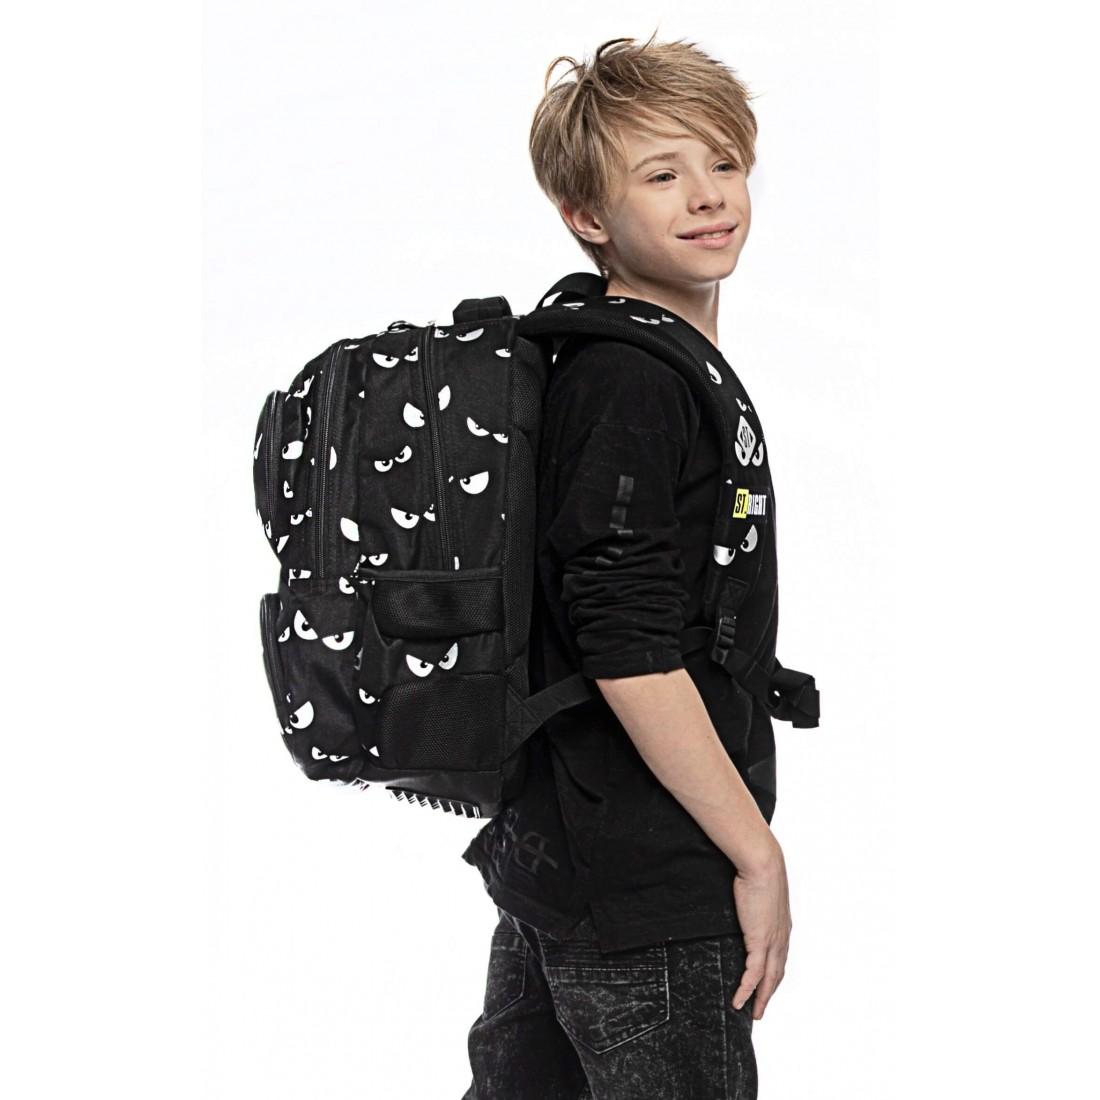 Plecak szkolny dla nastolatków czarny ST.RIGHT SILVER EYES srebrne oczy BP07 St.Majewski - plecak-tornister.pl